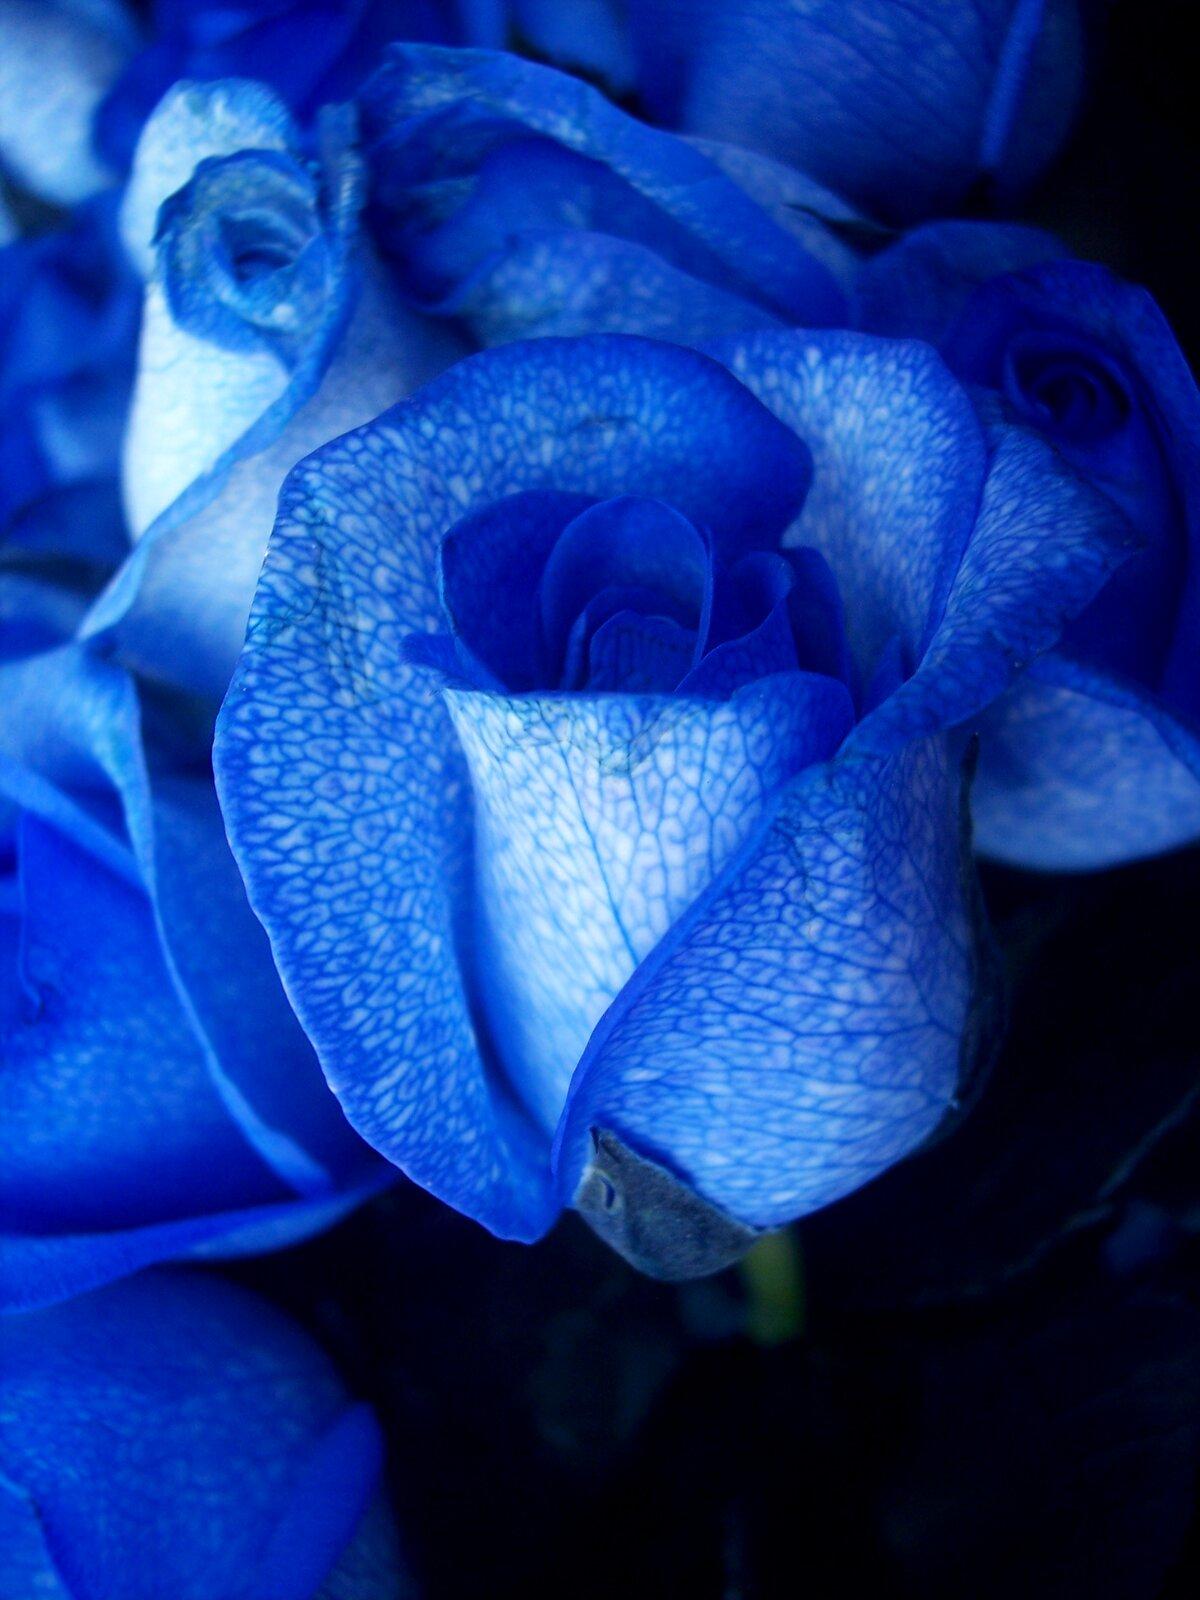 Fotografia przedstawia zbliżenie kilku kwiatów róży ointensywnie niebieskim kolorze. Do jej komórek wprowadzono gen odpowiedzialny za produkcję substancji, nadającej płatkom niebieską barwę.